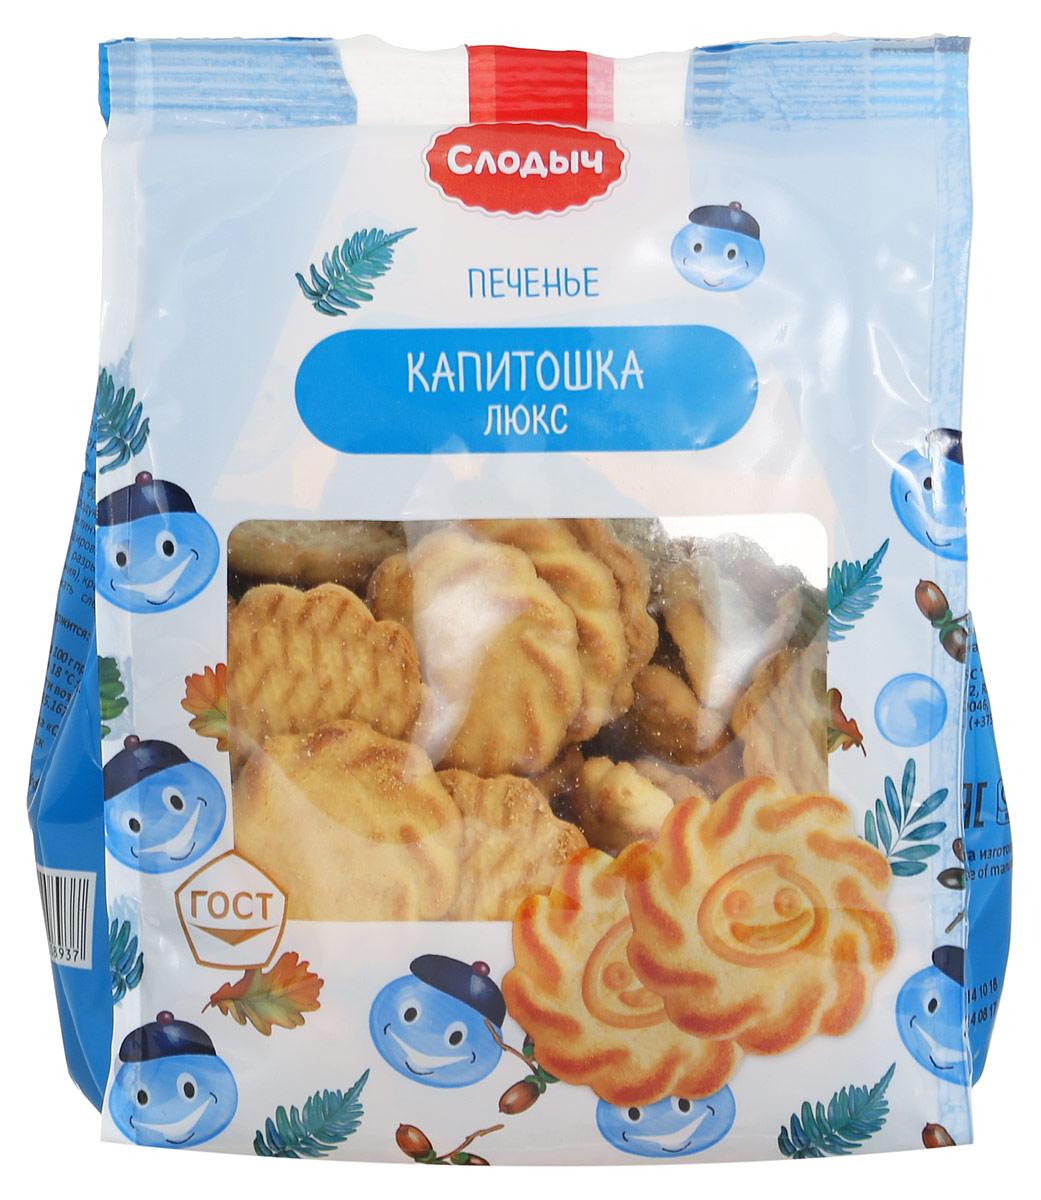 Слодыч Капитошка люкс печенье, 250 г526Сахарное печенье Слодыч Капитошка из пшеничной муки высшего сорта с добавлением сахара, маргарина, сыворотки молочной сухой, ванильной пудры и бета-каротина. Бета-каротин является важным источником витамина А, а также антиоксидантом. Поверхность печенья покрыта взбитым яйцом.